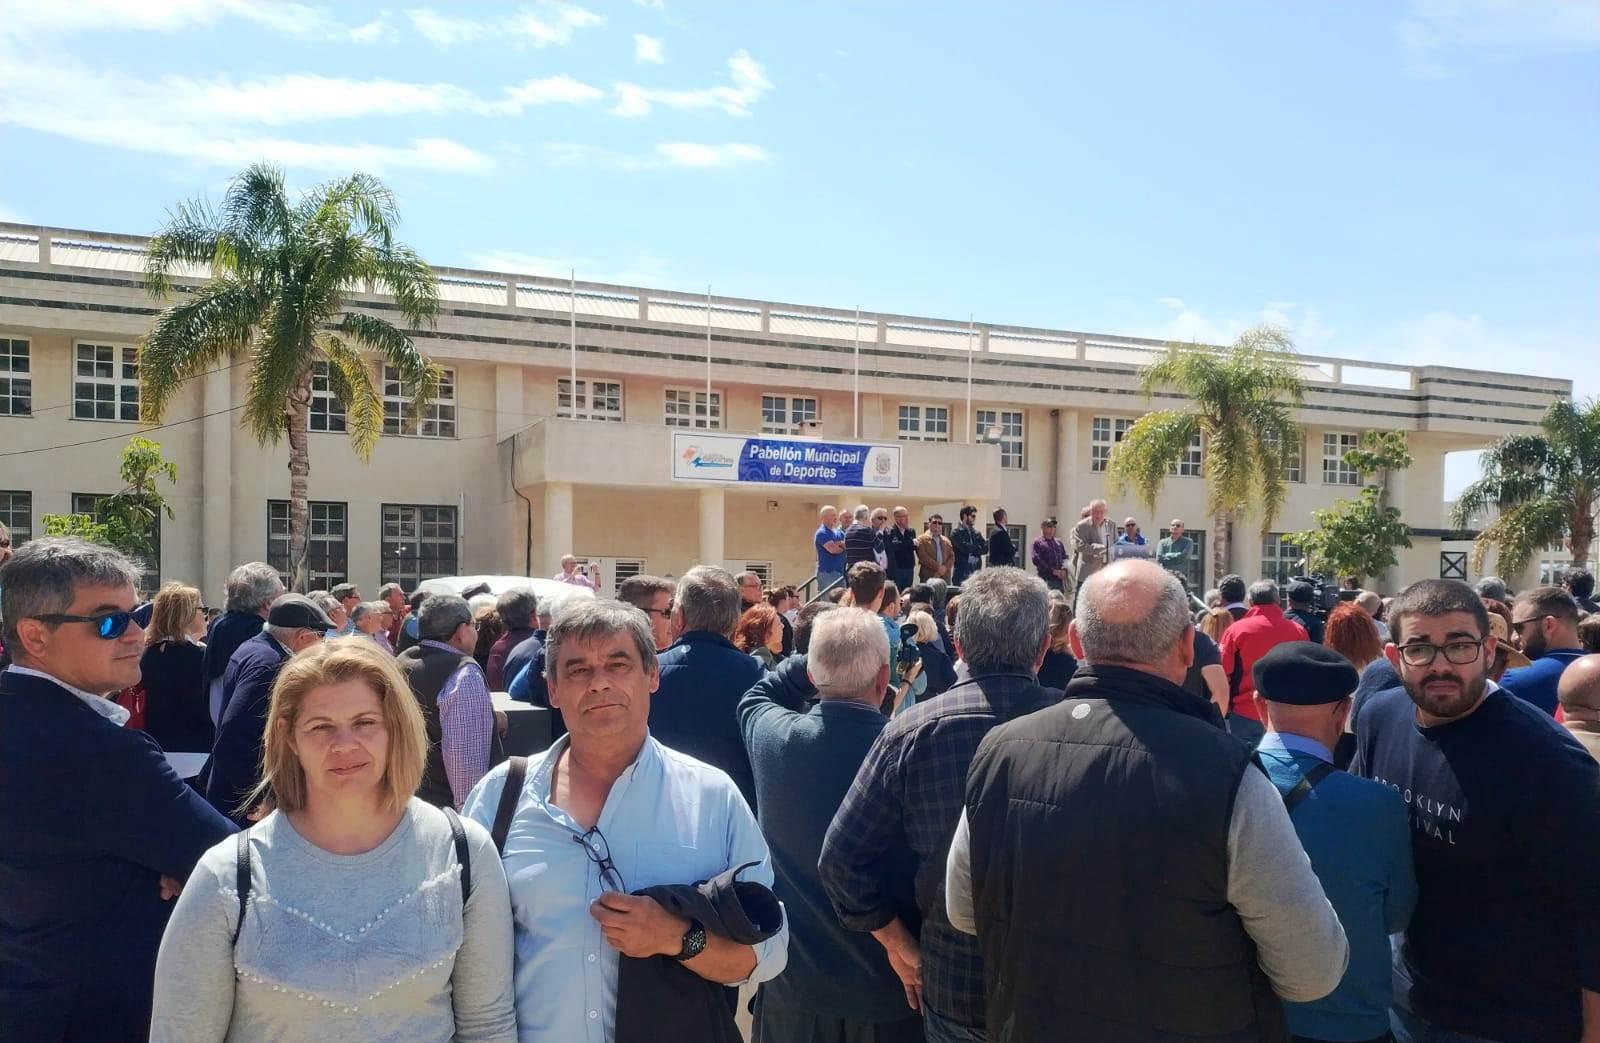 Comisiones apoya a los regantes y pide la urgente canalización de Béznar -Rules